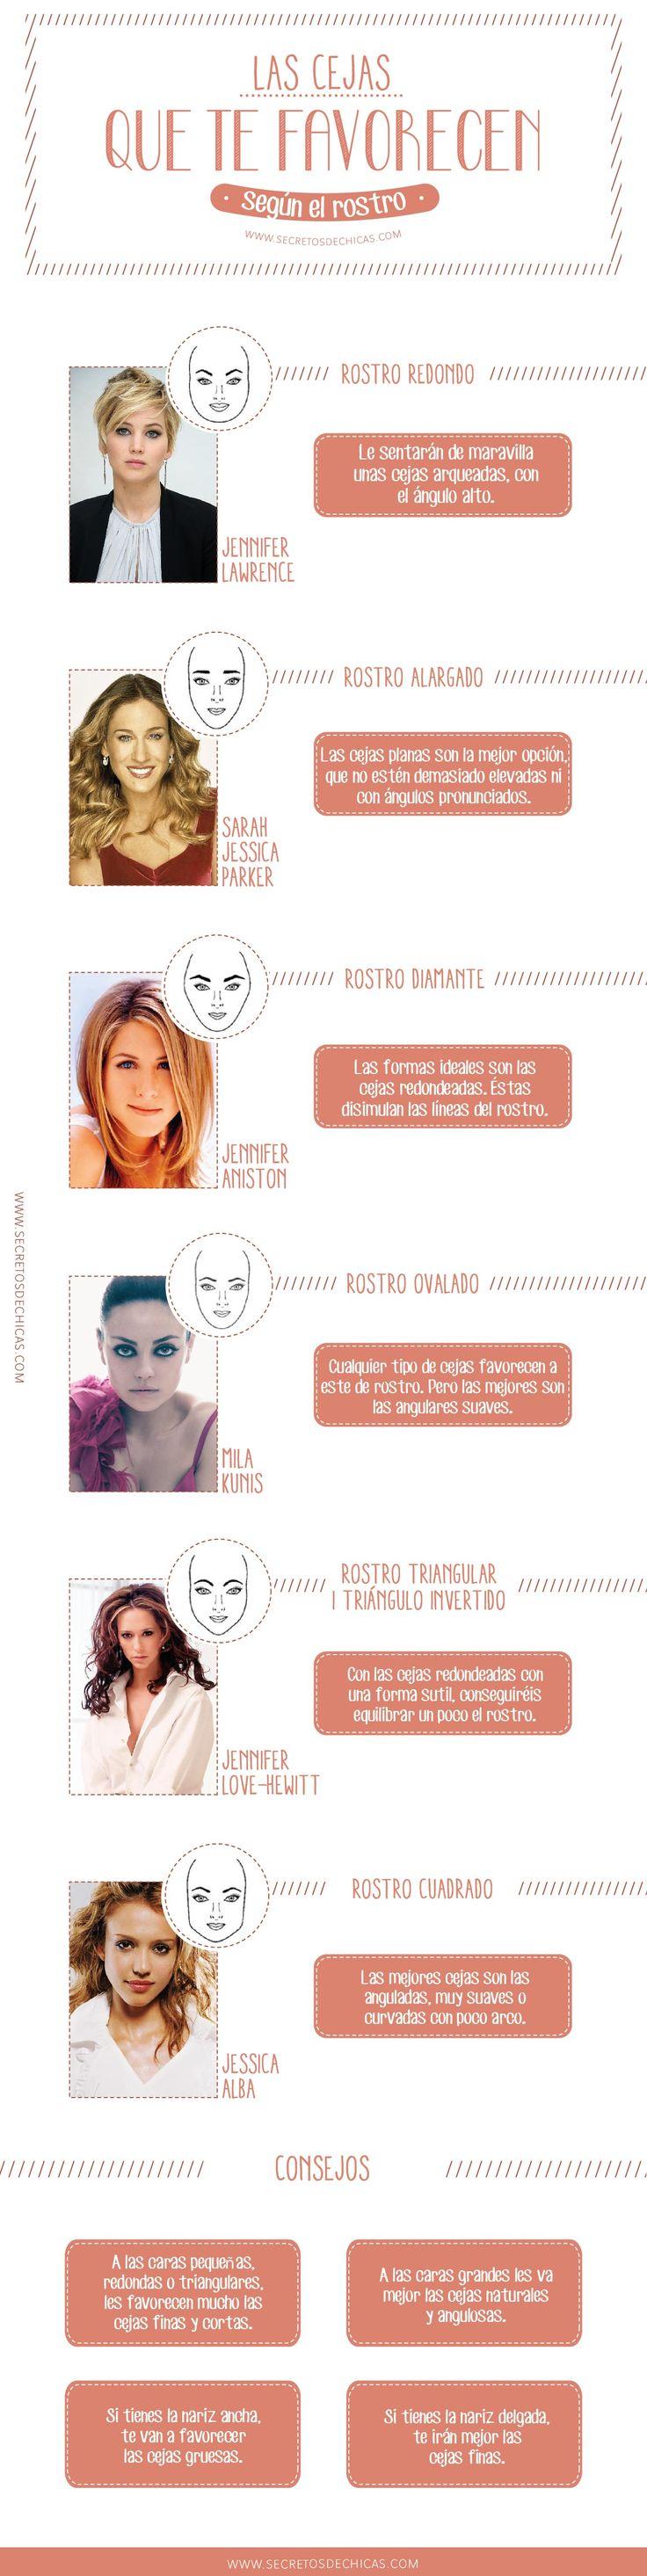 Tipos cejas y forma de rostro. Tips para que te depiles las cejas con la mejor forma para que te favorezca según la forma de tu rostro. con secretosdechicas.es #Cejas #Rostro #ConsejosBelleza